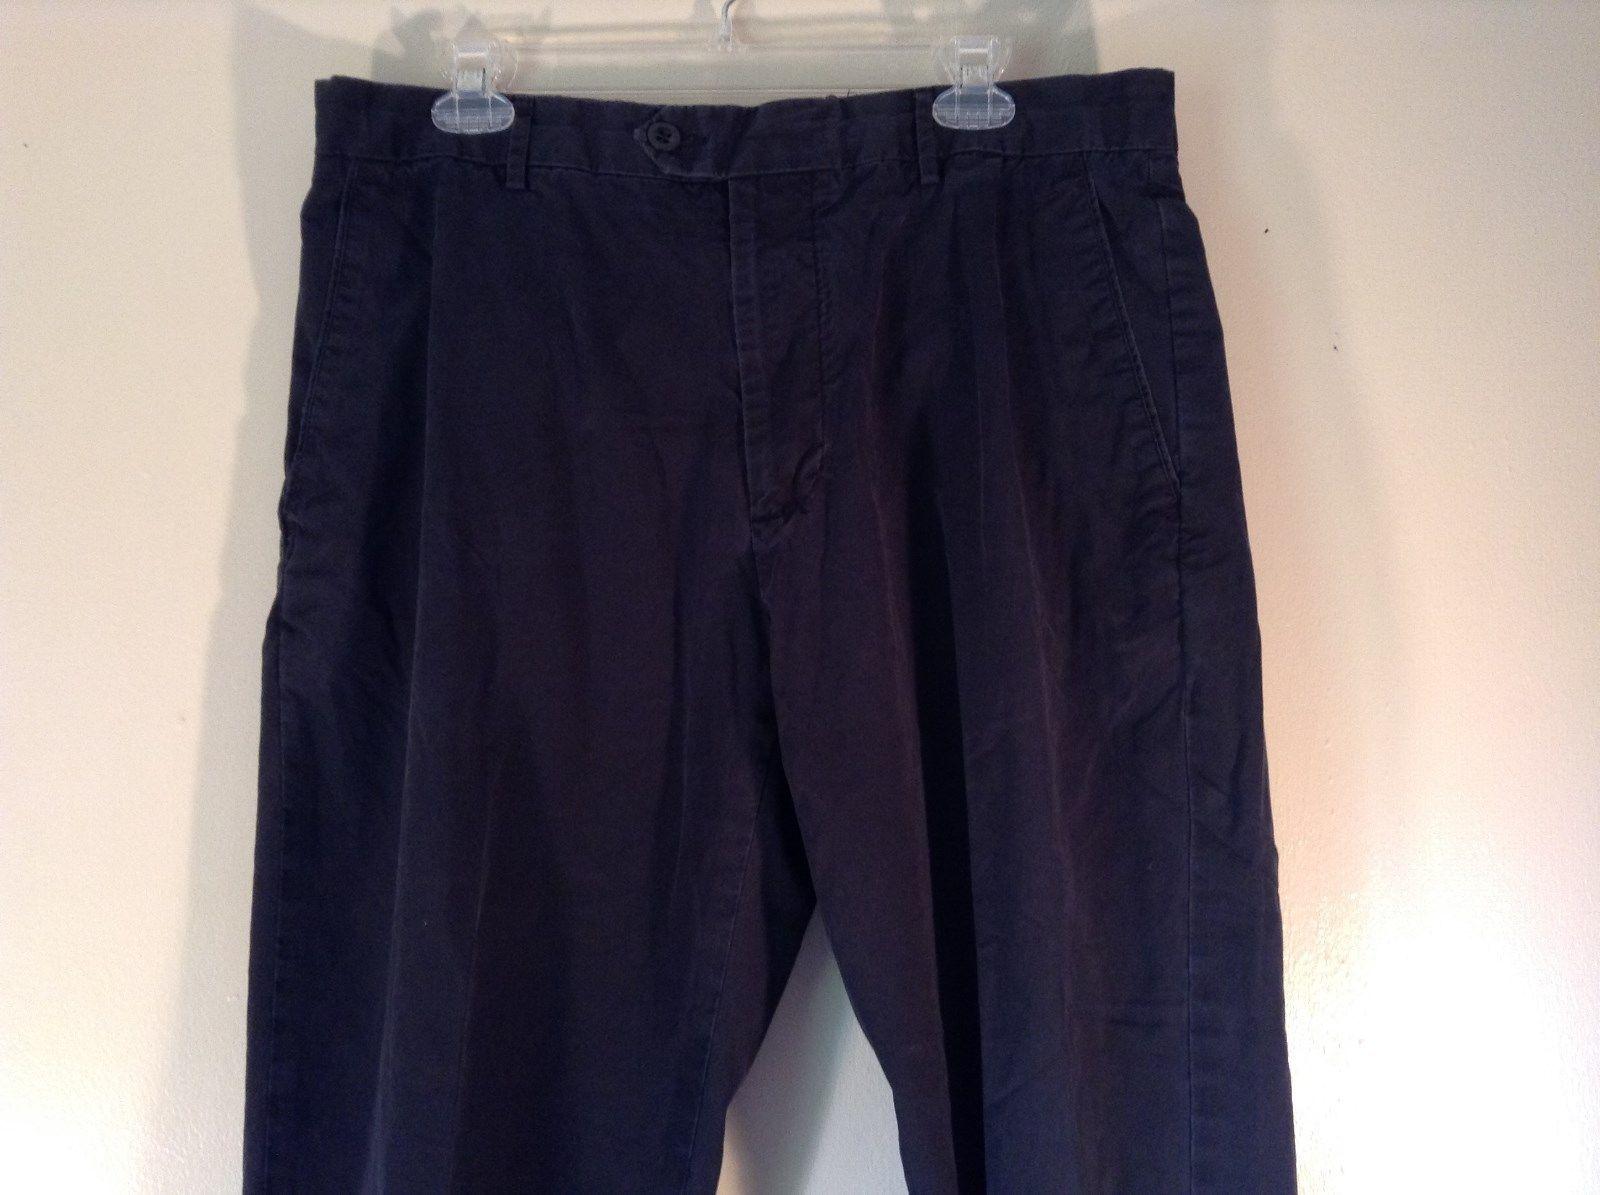 Size 36 by 30 Banana Republic Dress Chino Navy Dress Pants 100 Percent Cotton